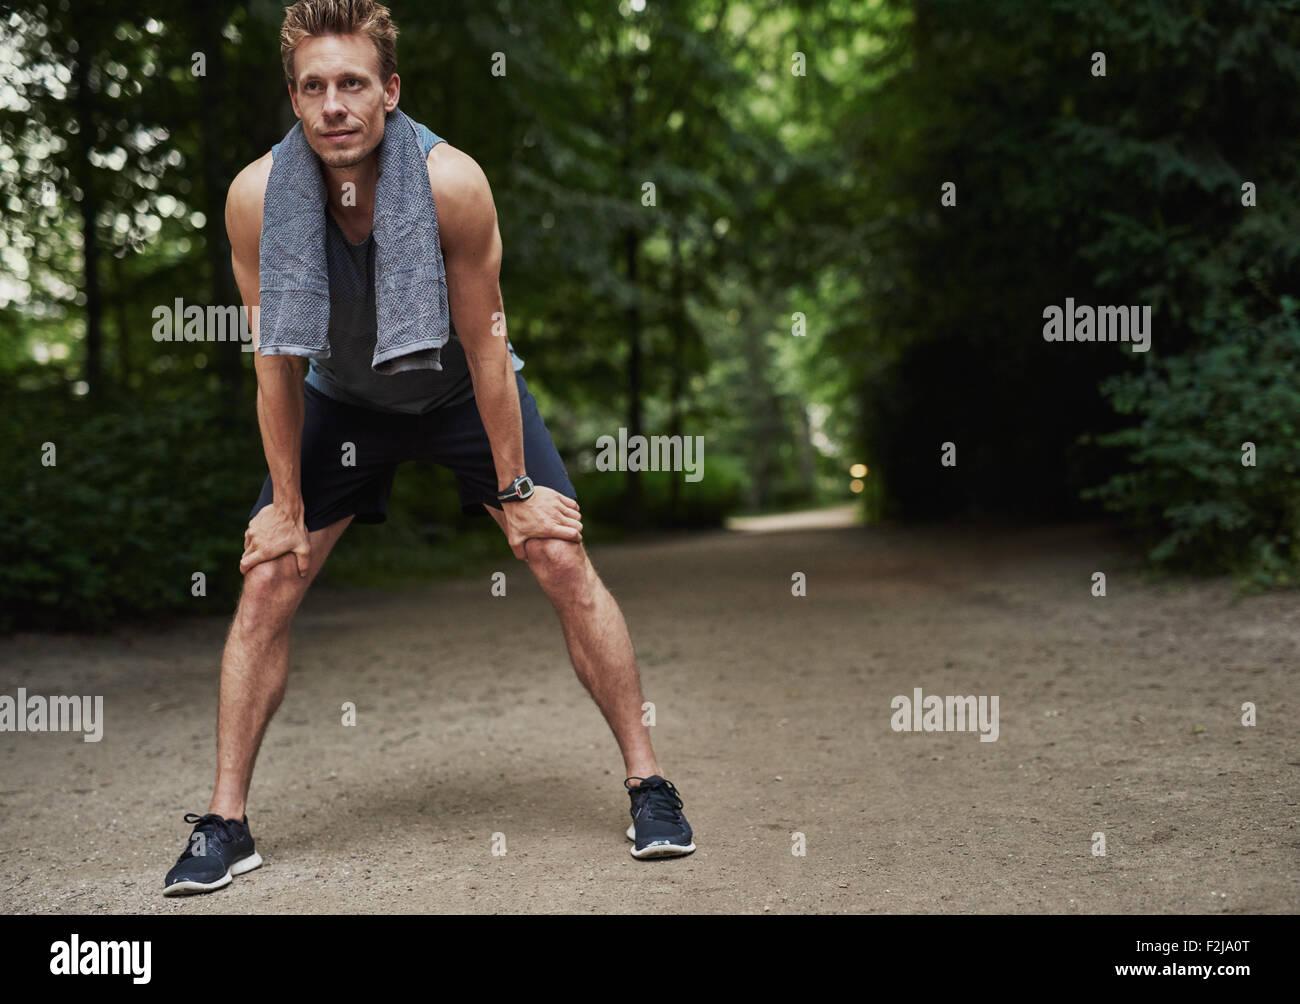 Colocar Joven sujetando sus rodillas mientras descansa después de un ejercicio en el parque. Imagen De Stock